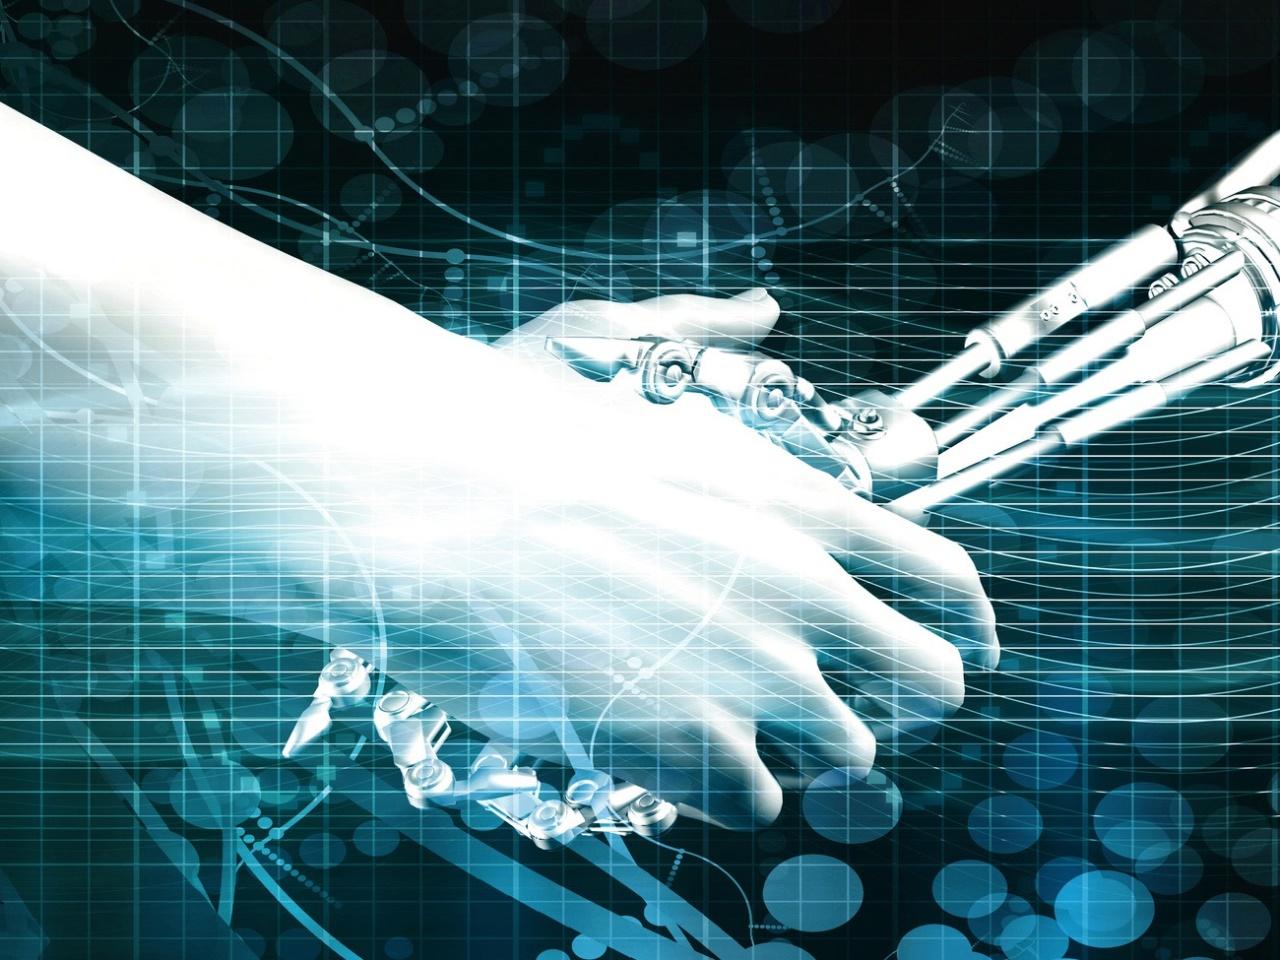 Die Digitalisierung zwingt zum stetigen Wandel